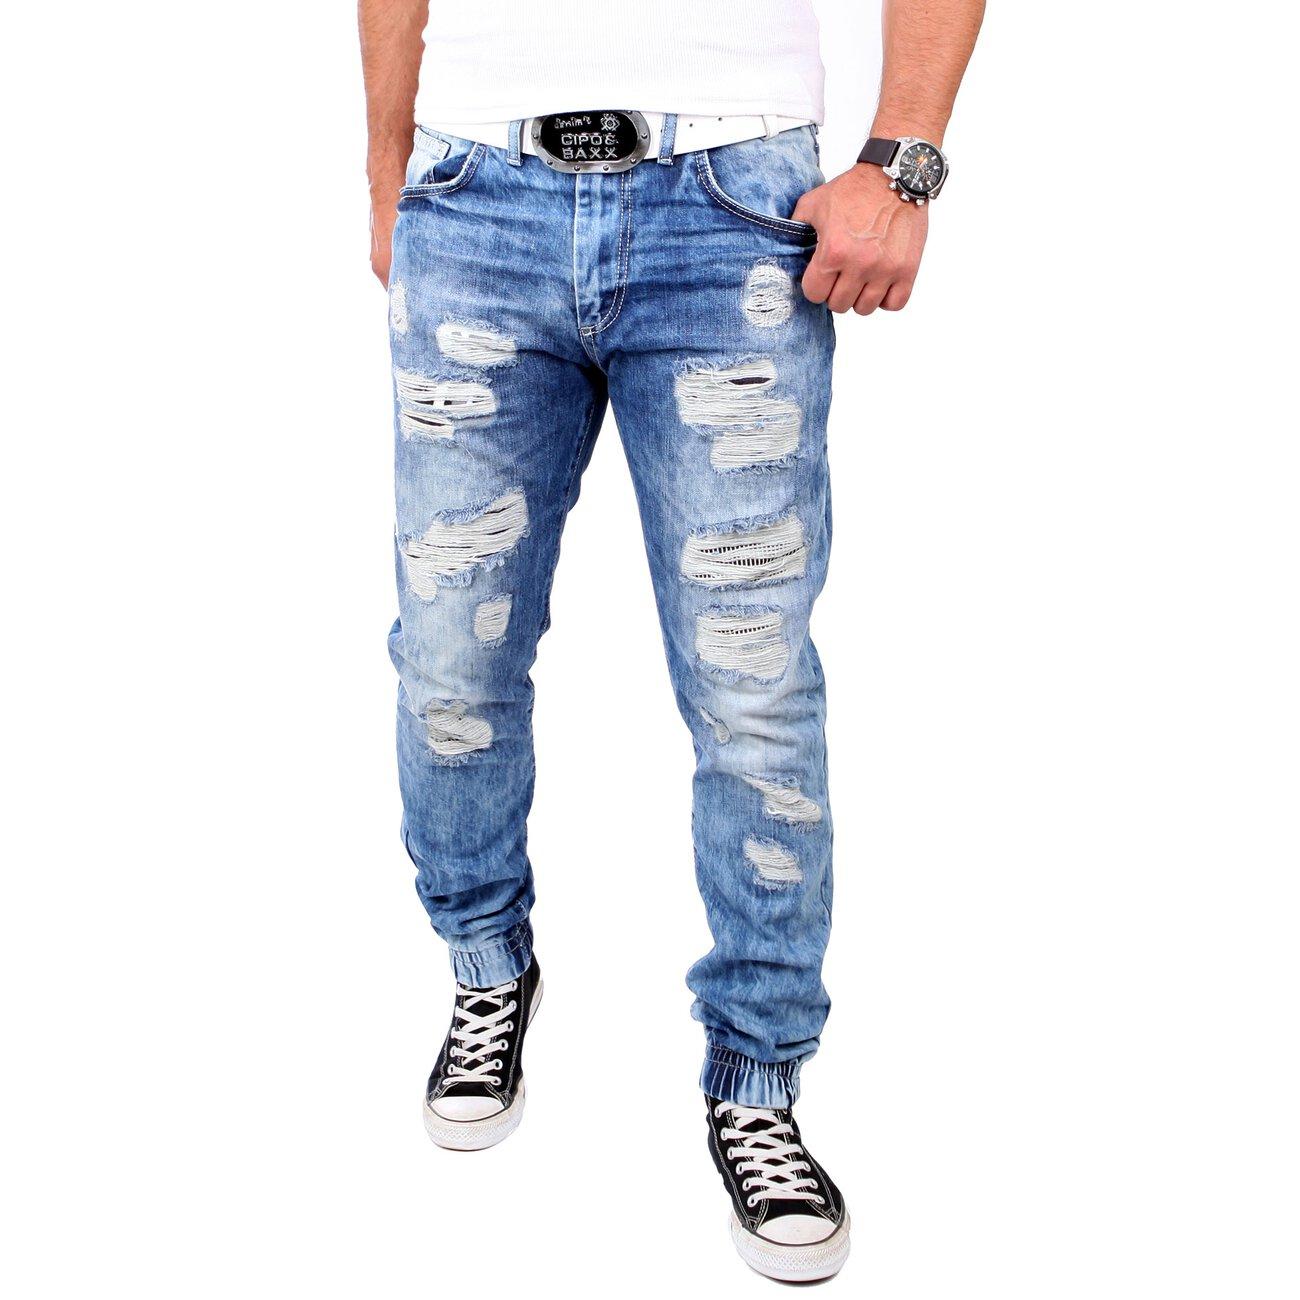 rerock herren jeans jogginghose destroyed jogg jeans. Black Bedroom Furniture Sets. Home Design Ideas